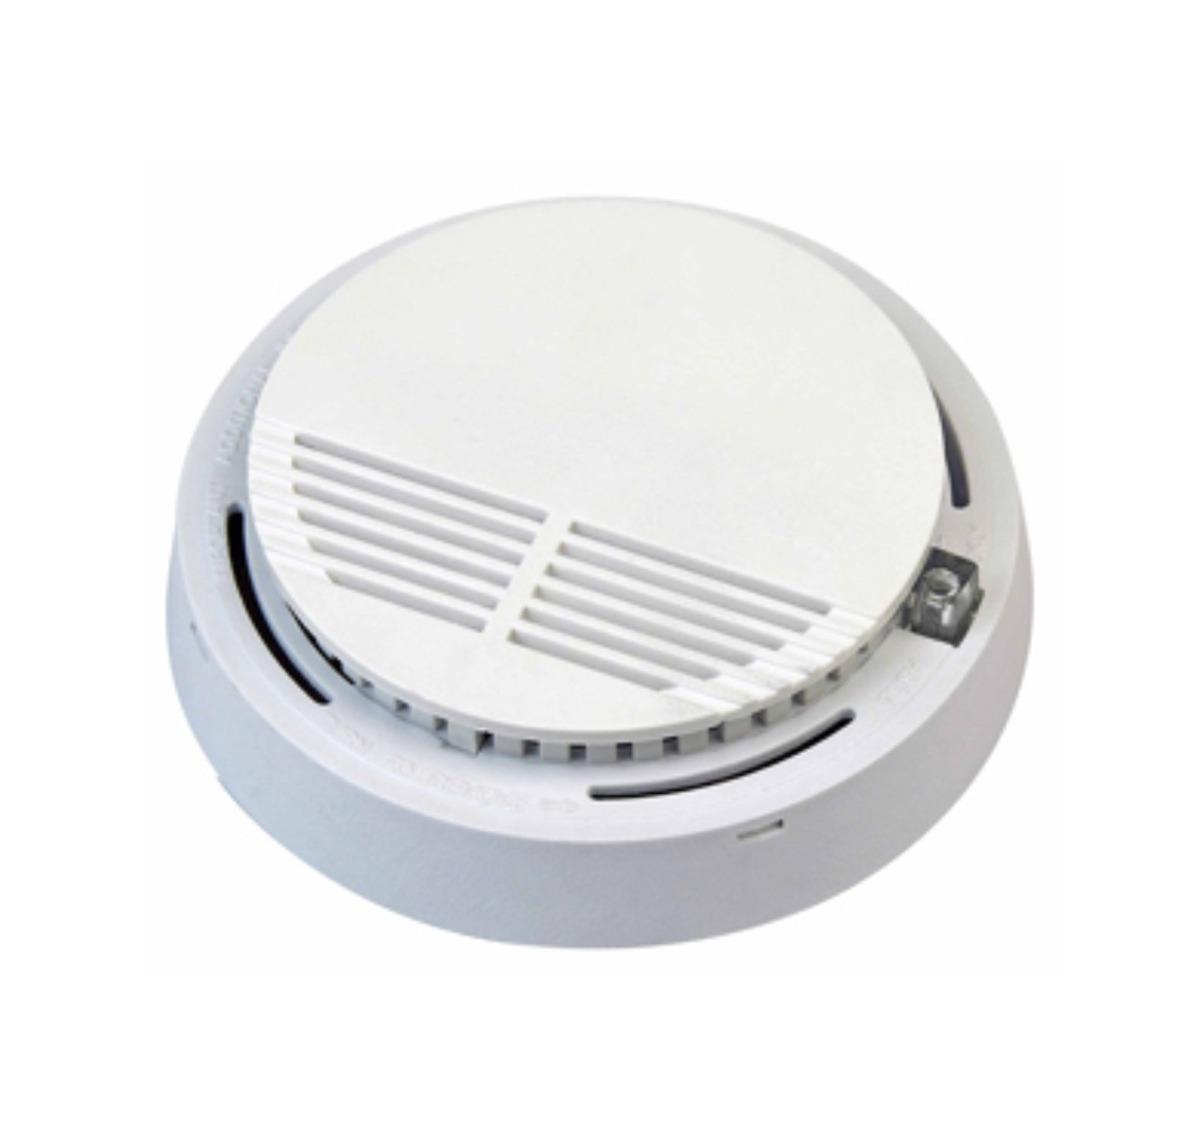 Sensor de humo frecuencia 433mhz pc prime - Sensores de humo ...